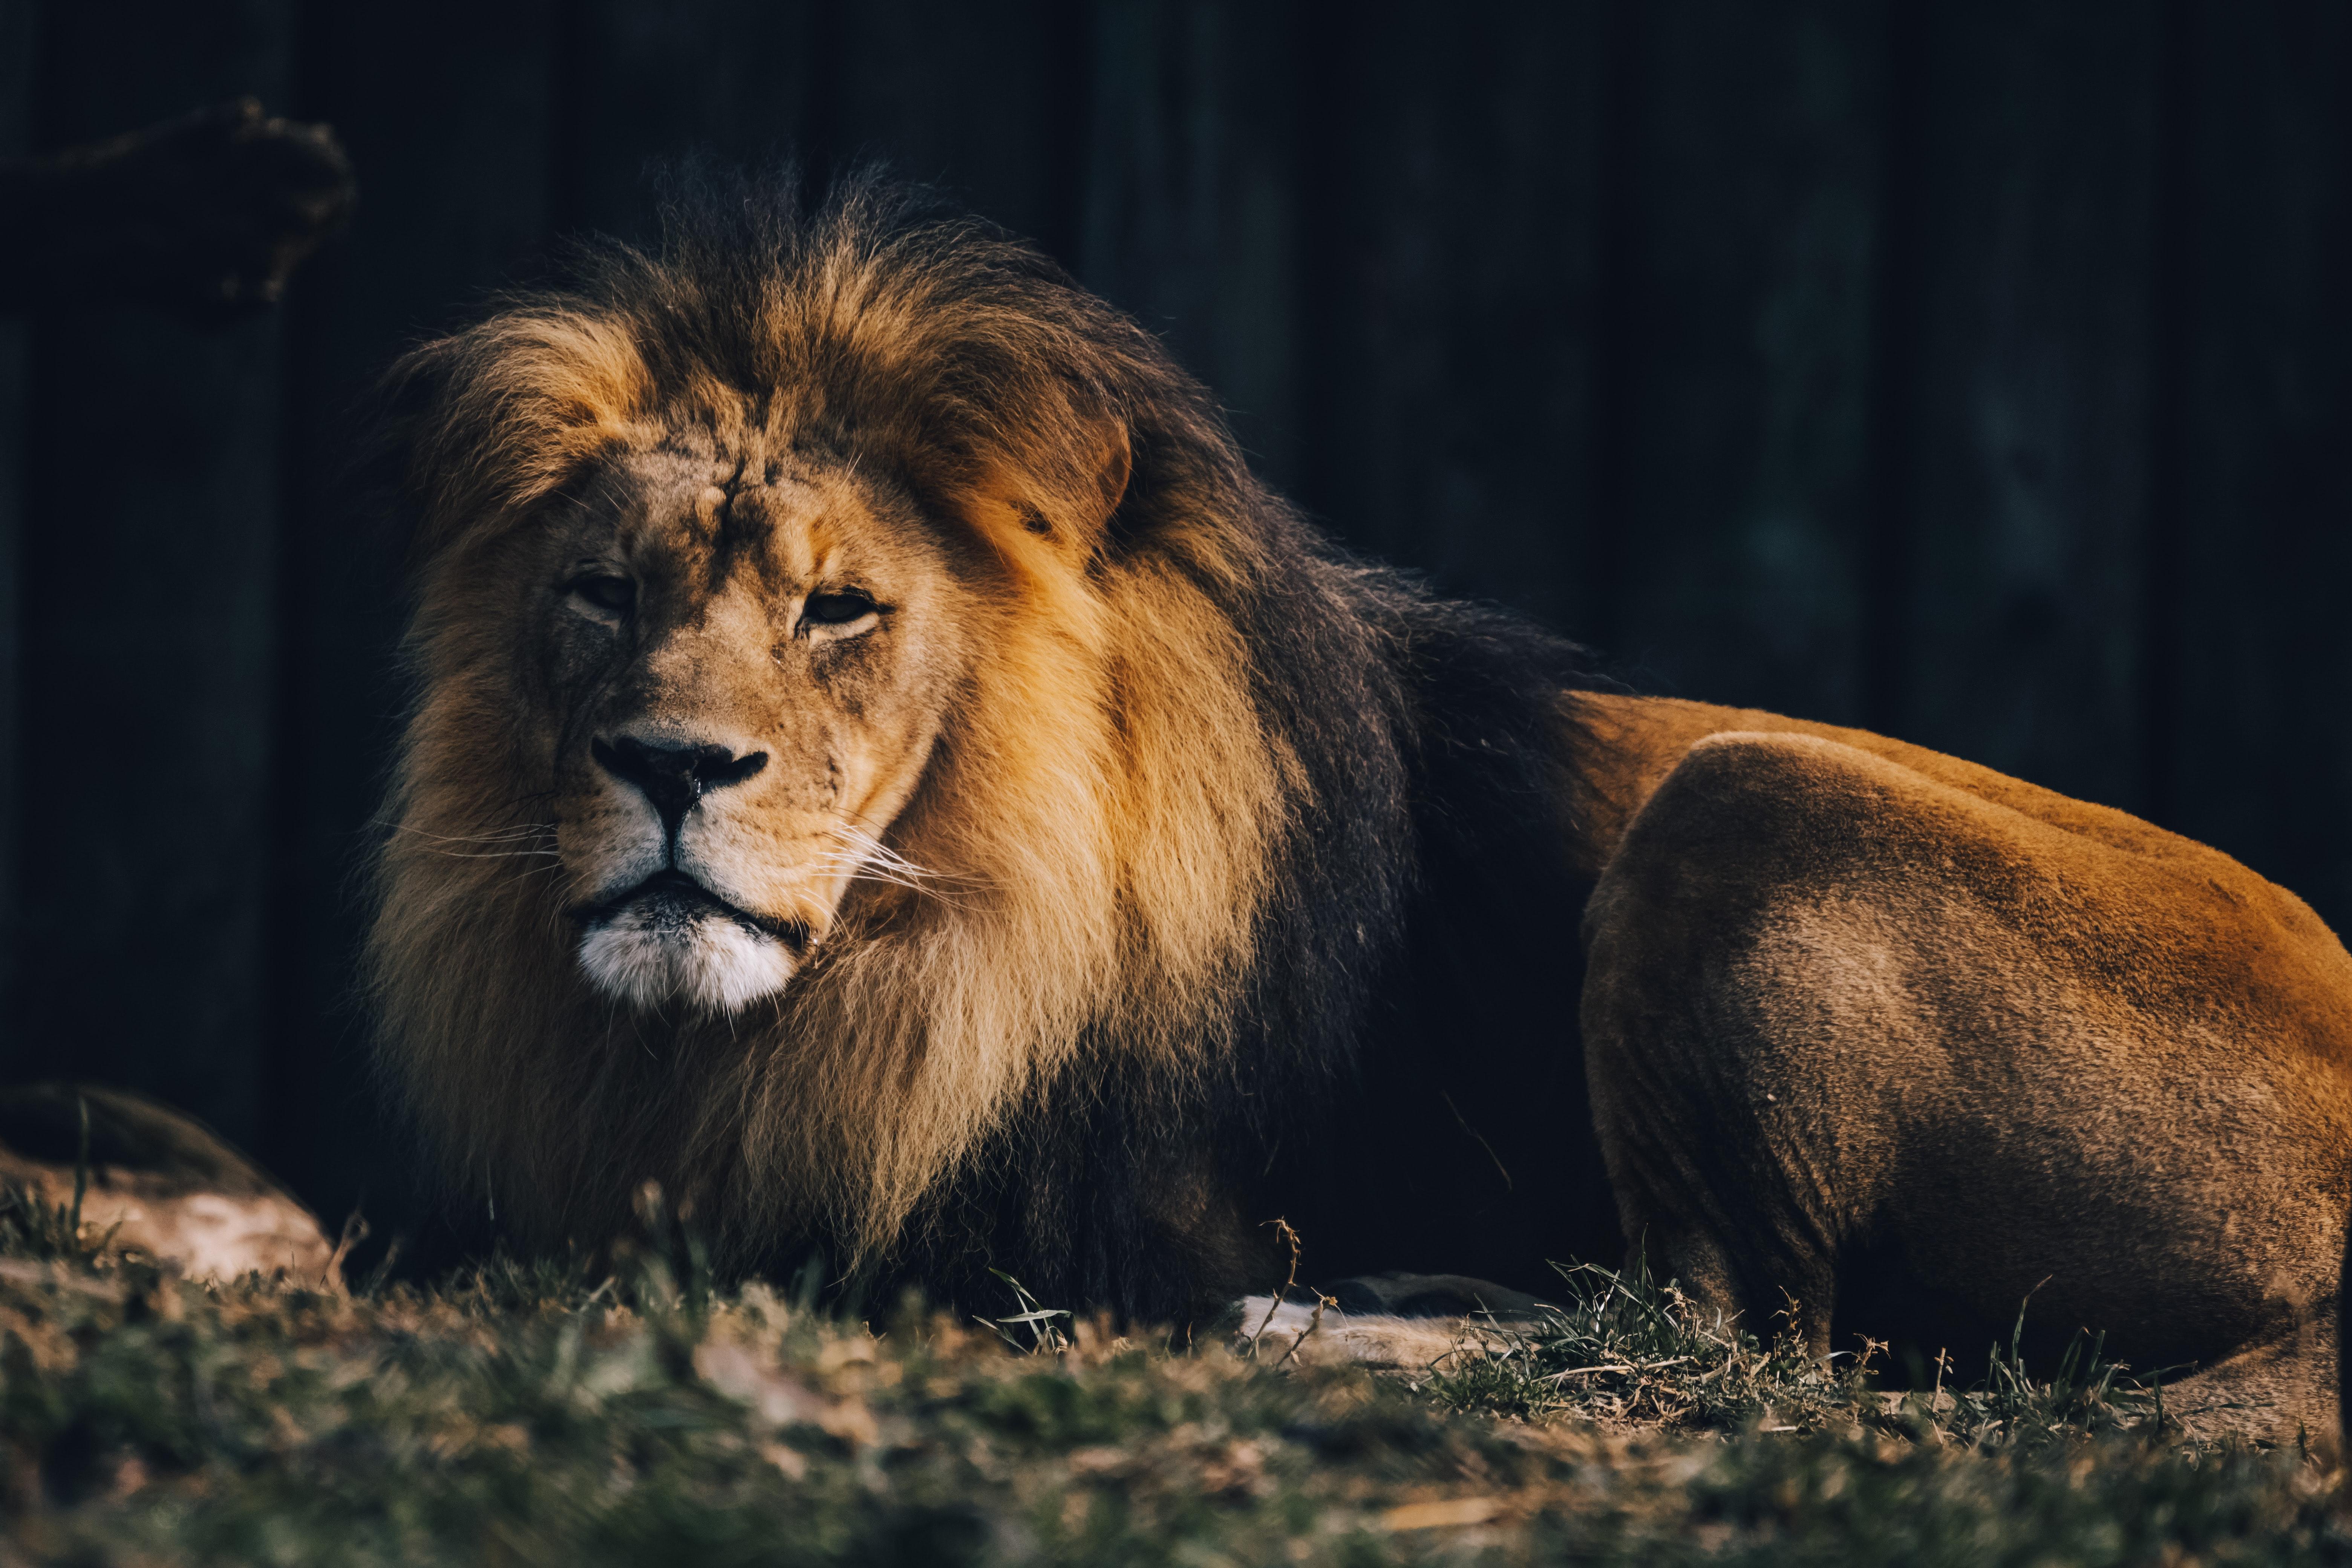 129894 économiseurs d'écran et fonds d'écran Gros Chat sur votre téléphone. Téléchargez Animaux, Marron, Un Lion, Lion, Gros Chat, Fauve, Sauvage, Prédateur Animal images gratuitement